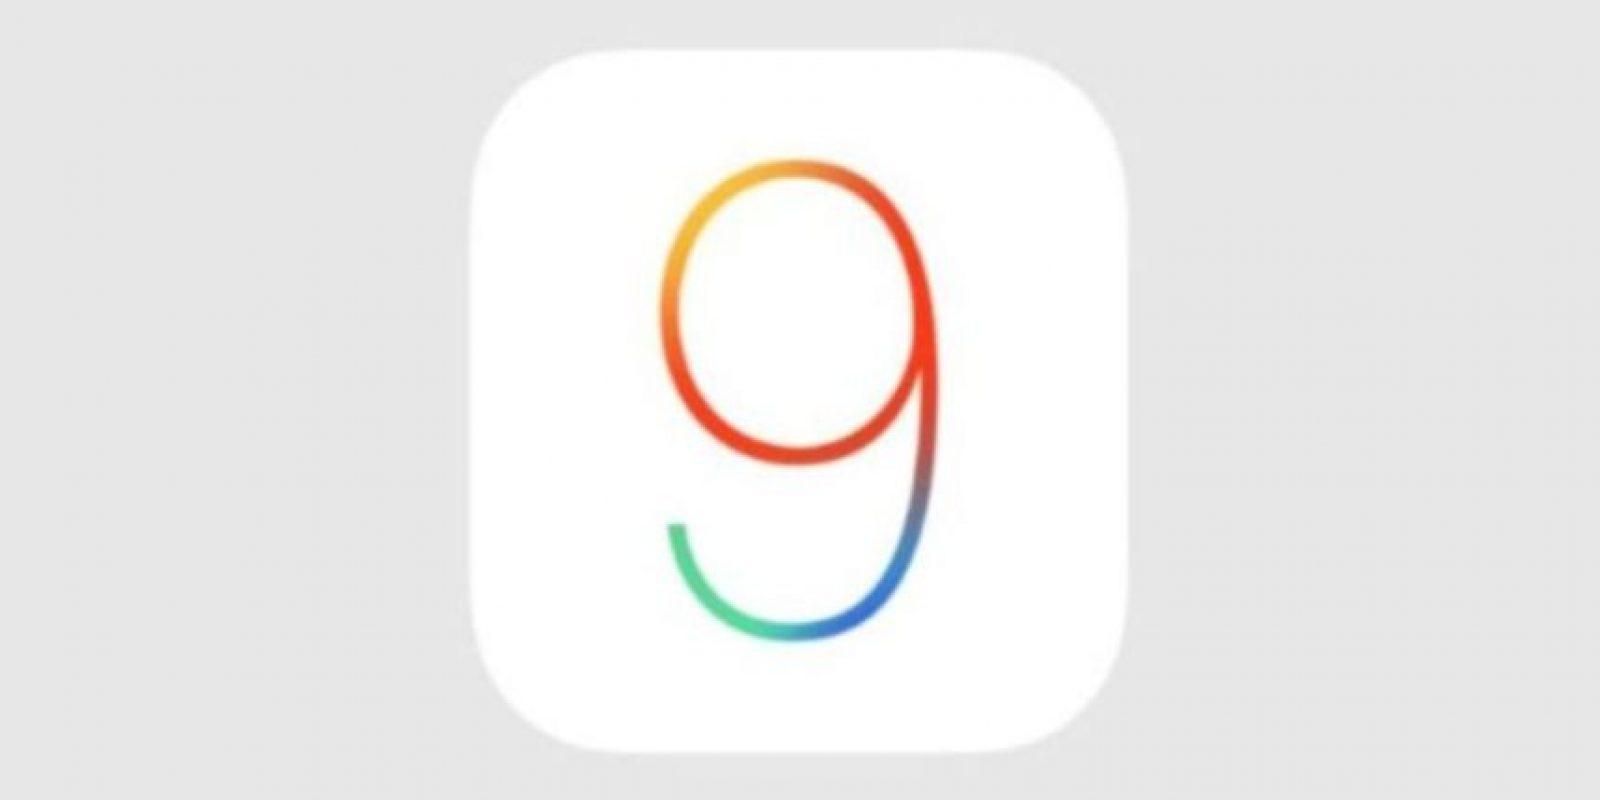 Apple quiere darle más privacidad a sus usuarios con iOS 9. Foto:Apple